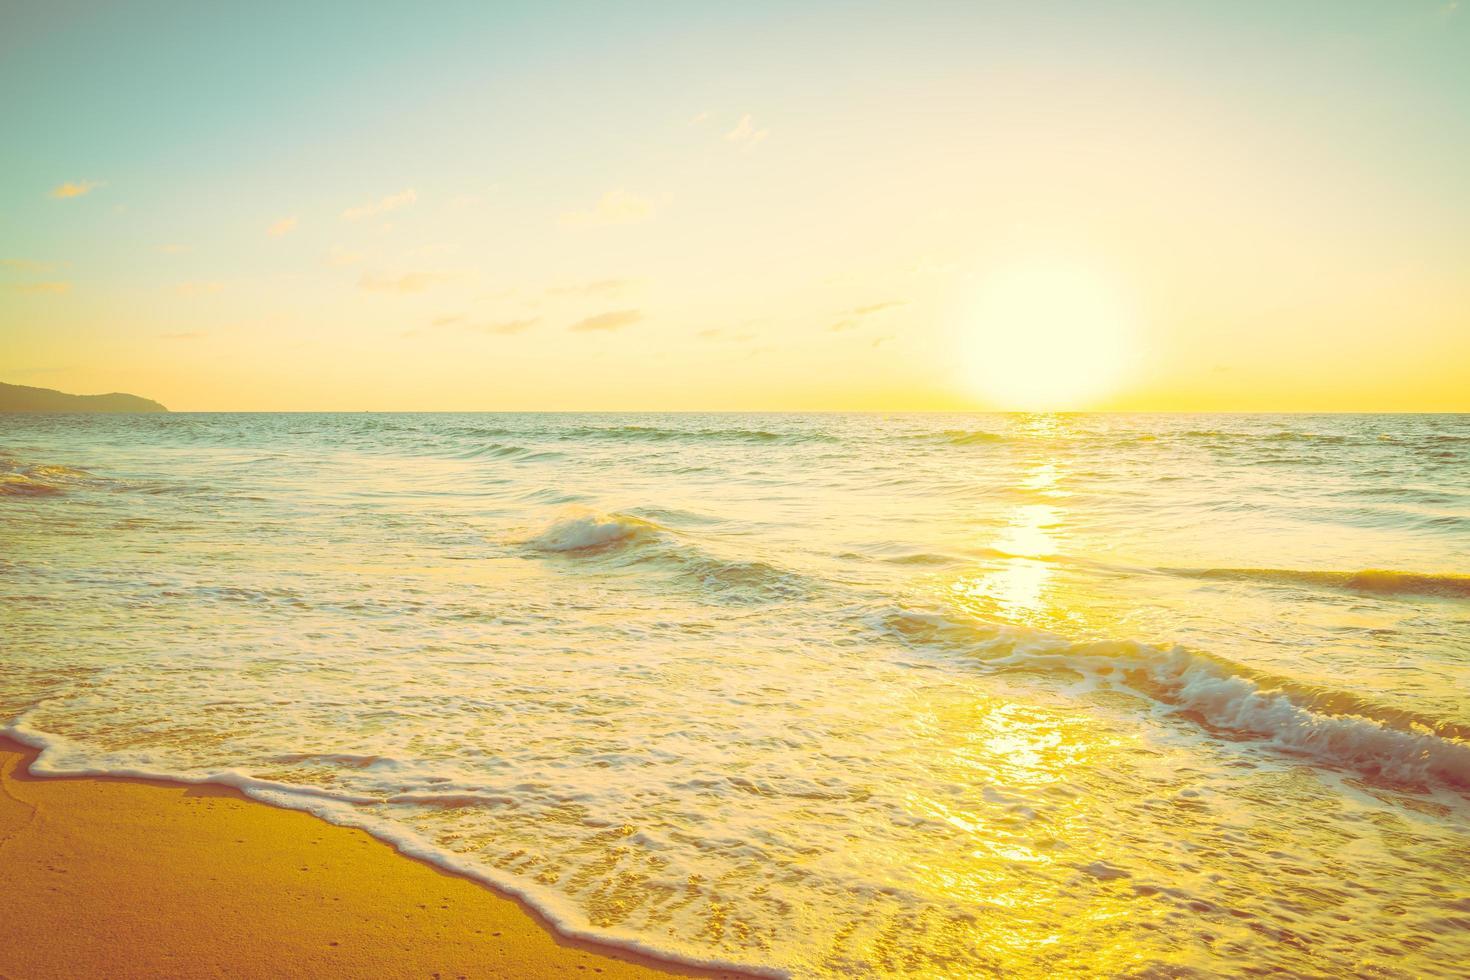 coucher de soleil avec mer et plage photo